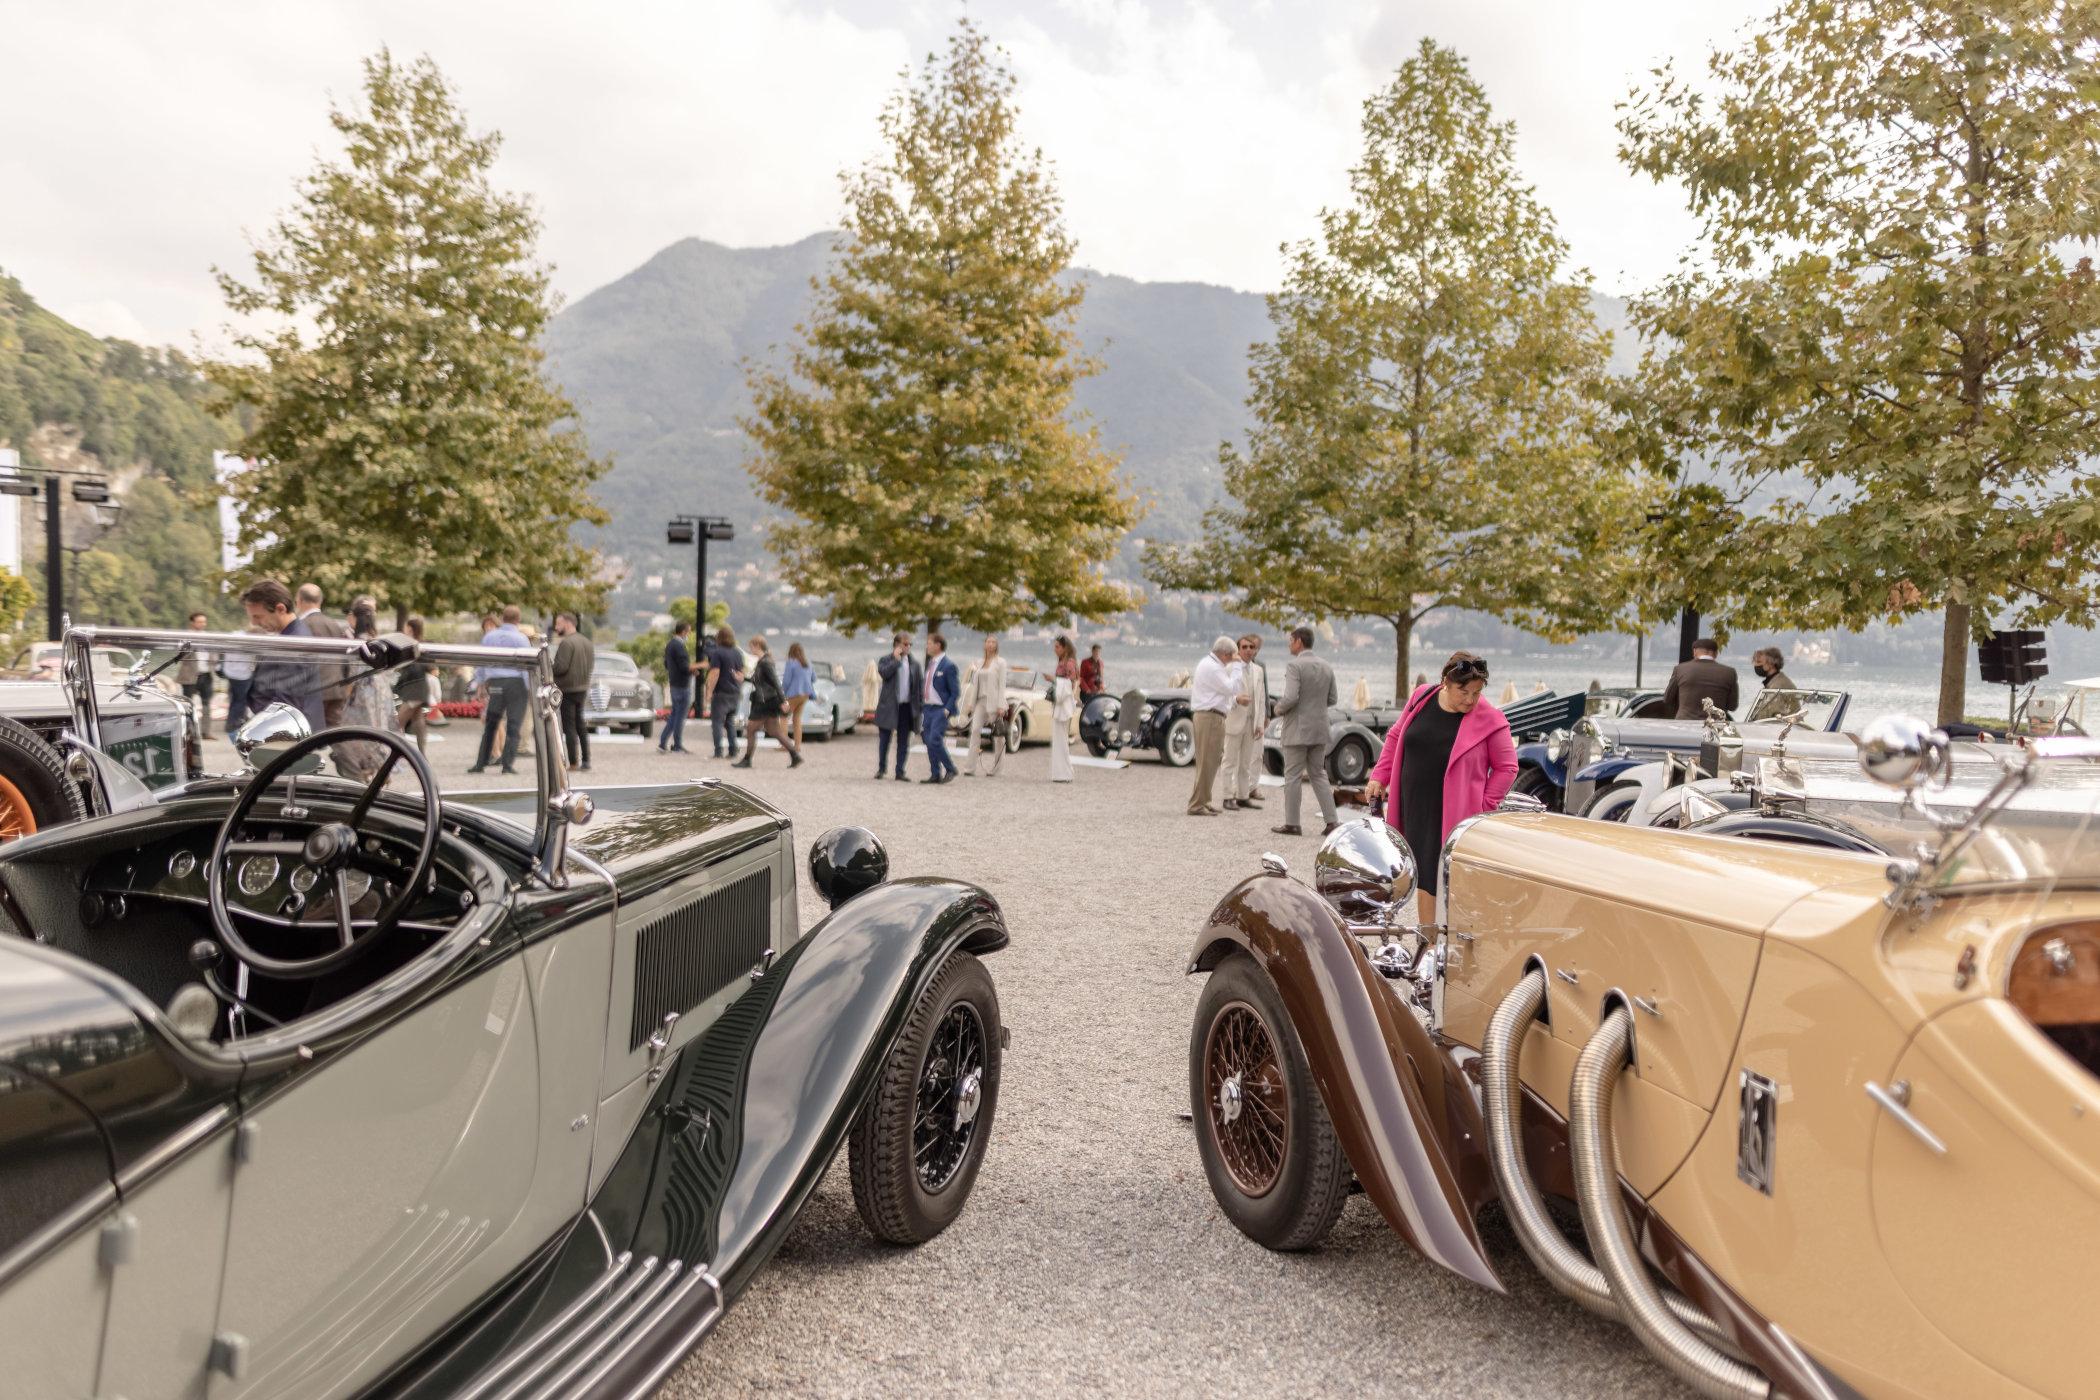 1934 Lancia Astura Torpedo GS (left) & 1937 Lagonda LG45 Rapide (right)